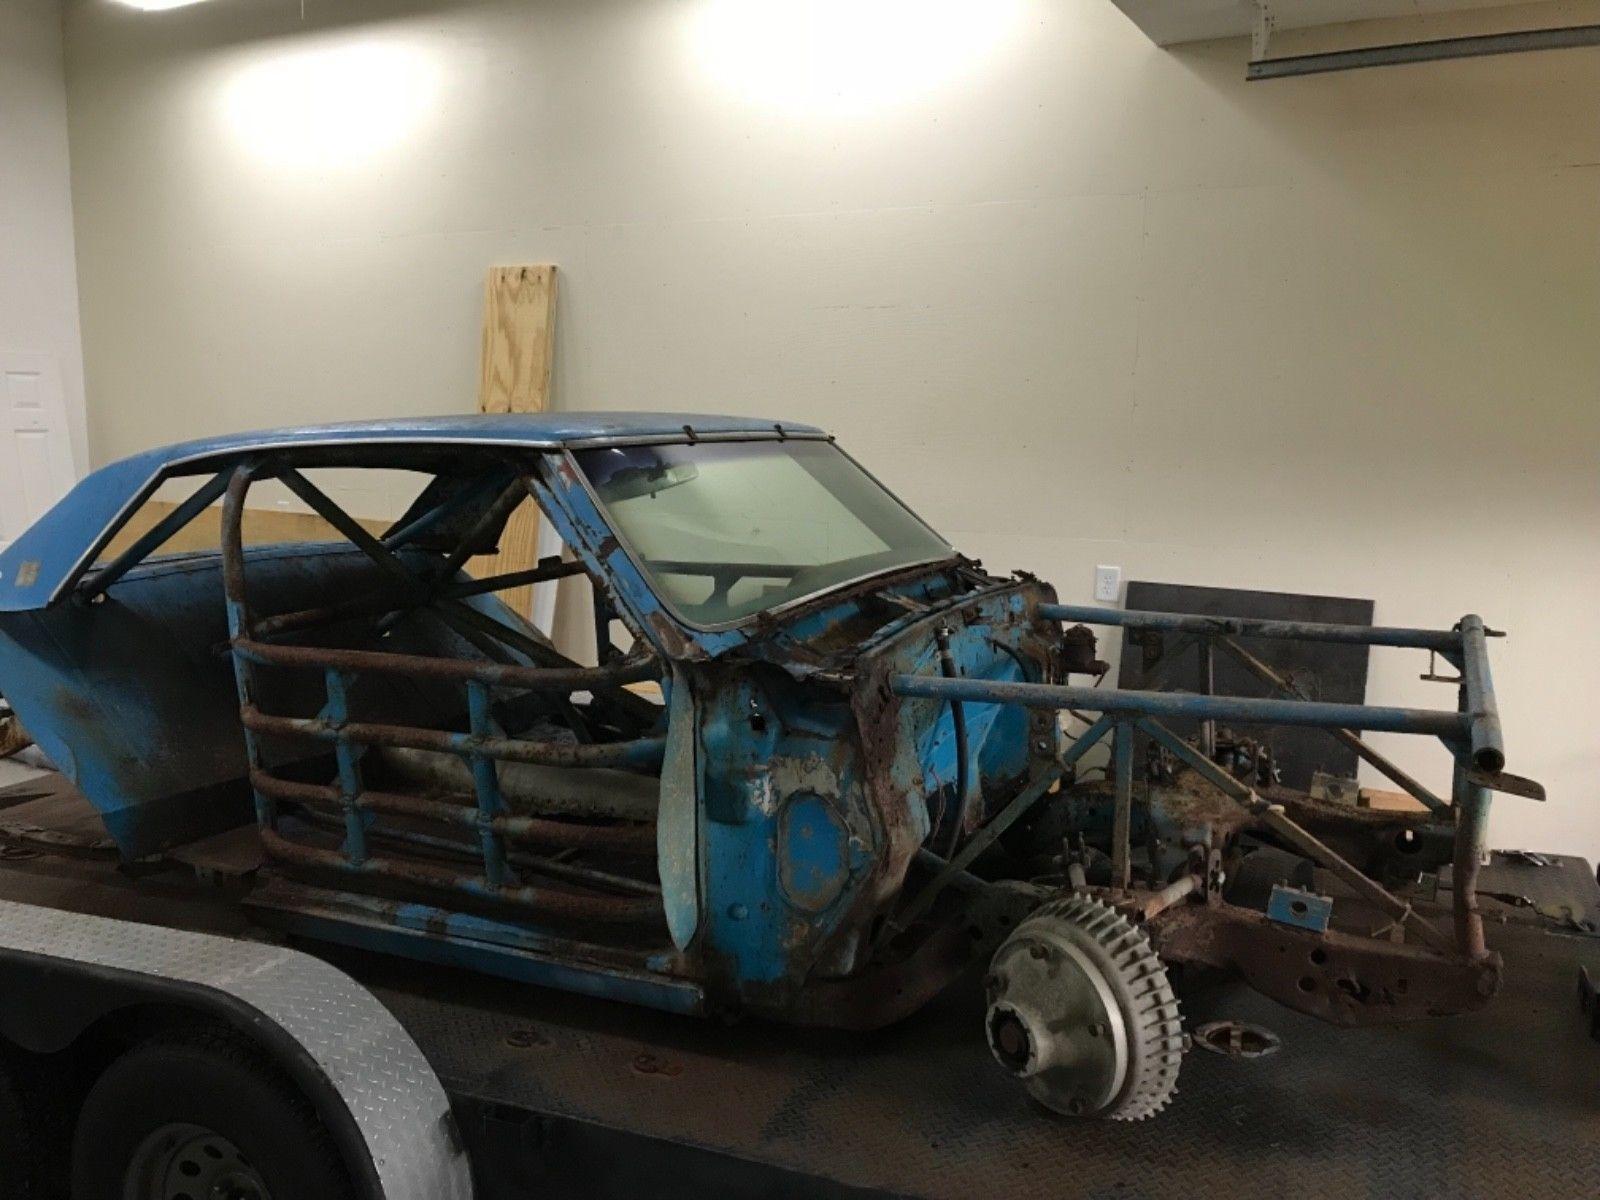 eBay: 1965 Chevrolet Chevelle SS 1965 Chevelle SS Vintage Stock Race ...